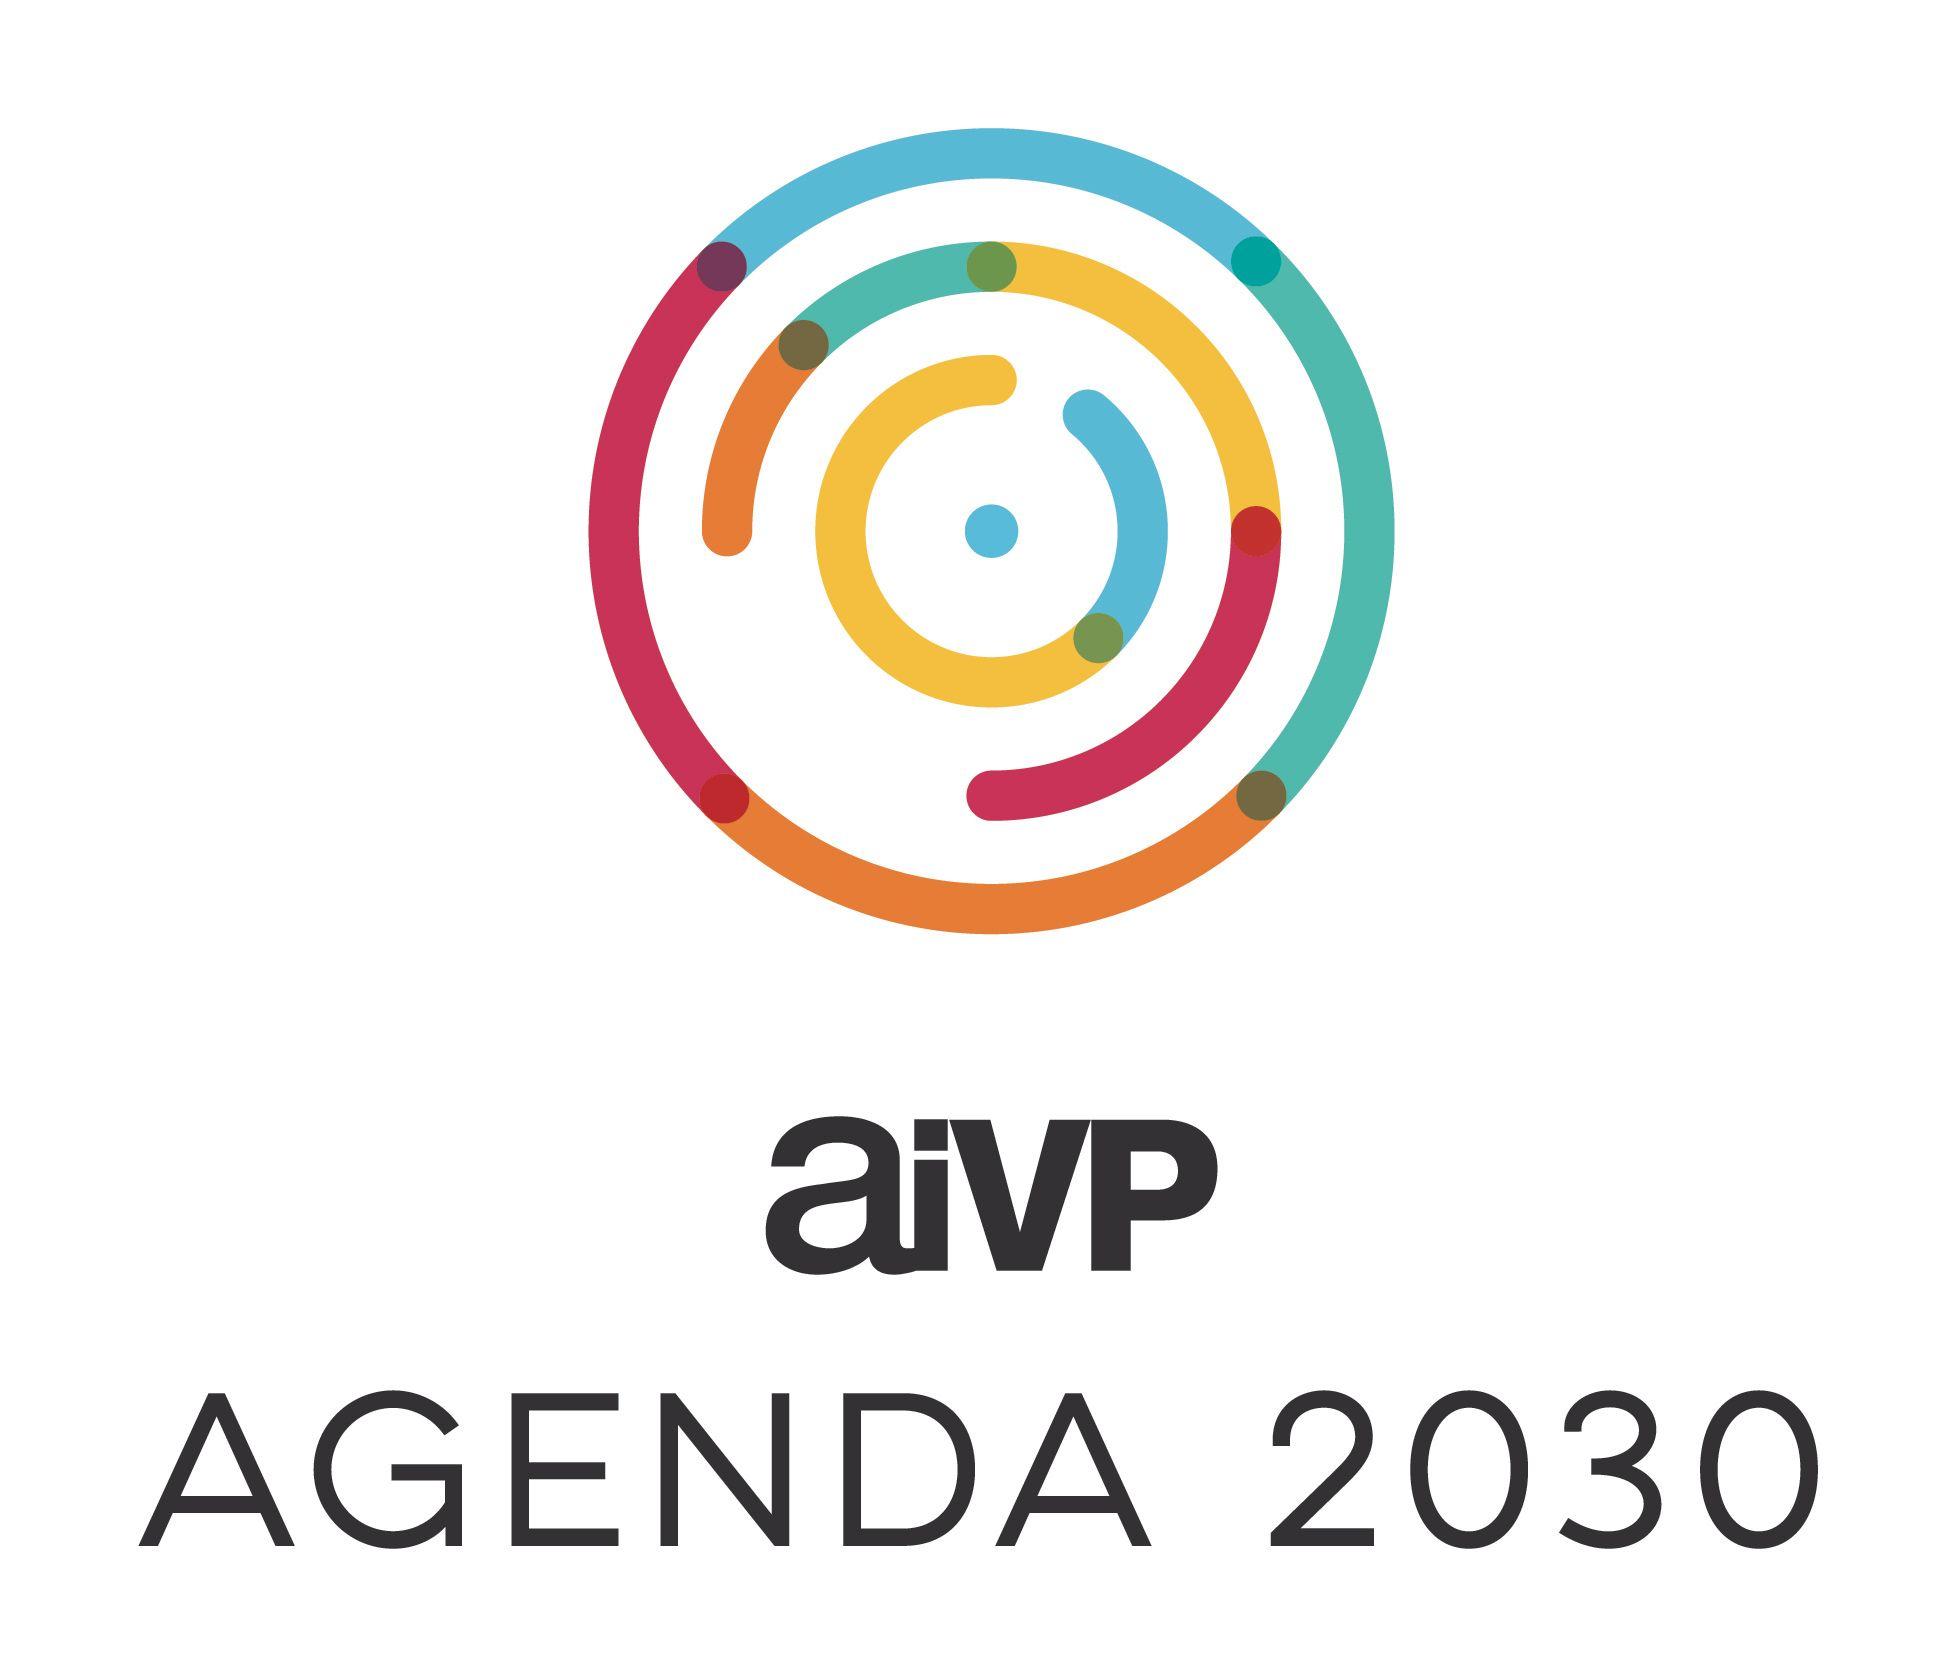 logo agenda aivp 2030